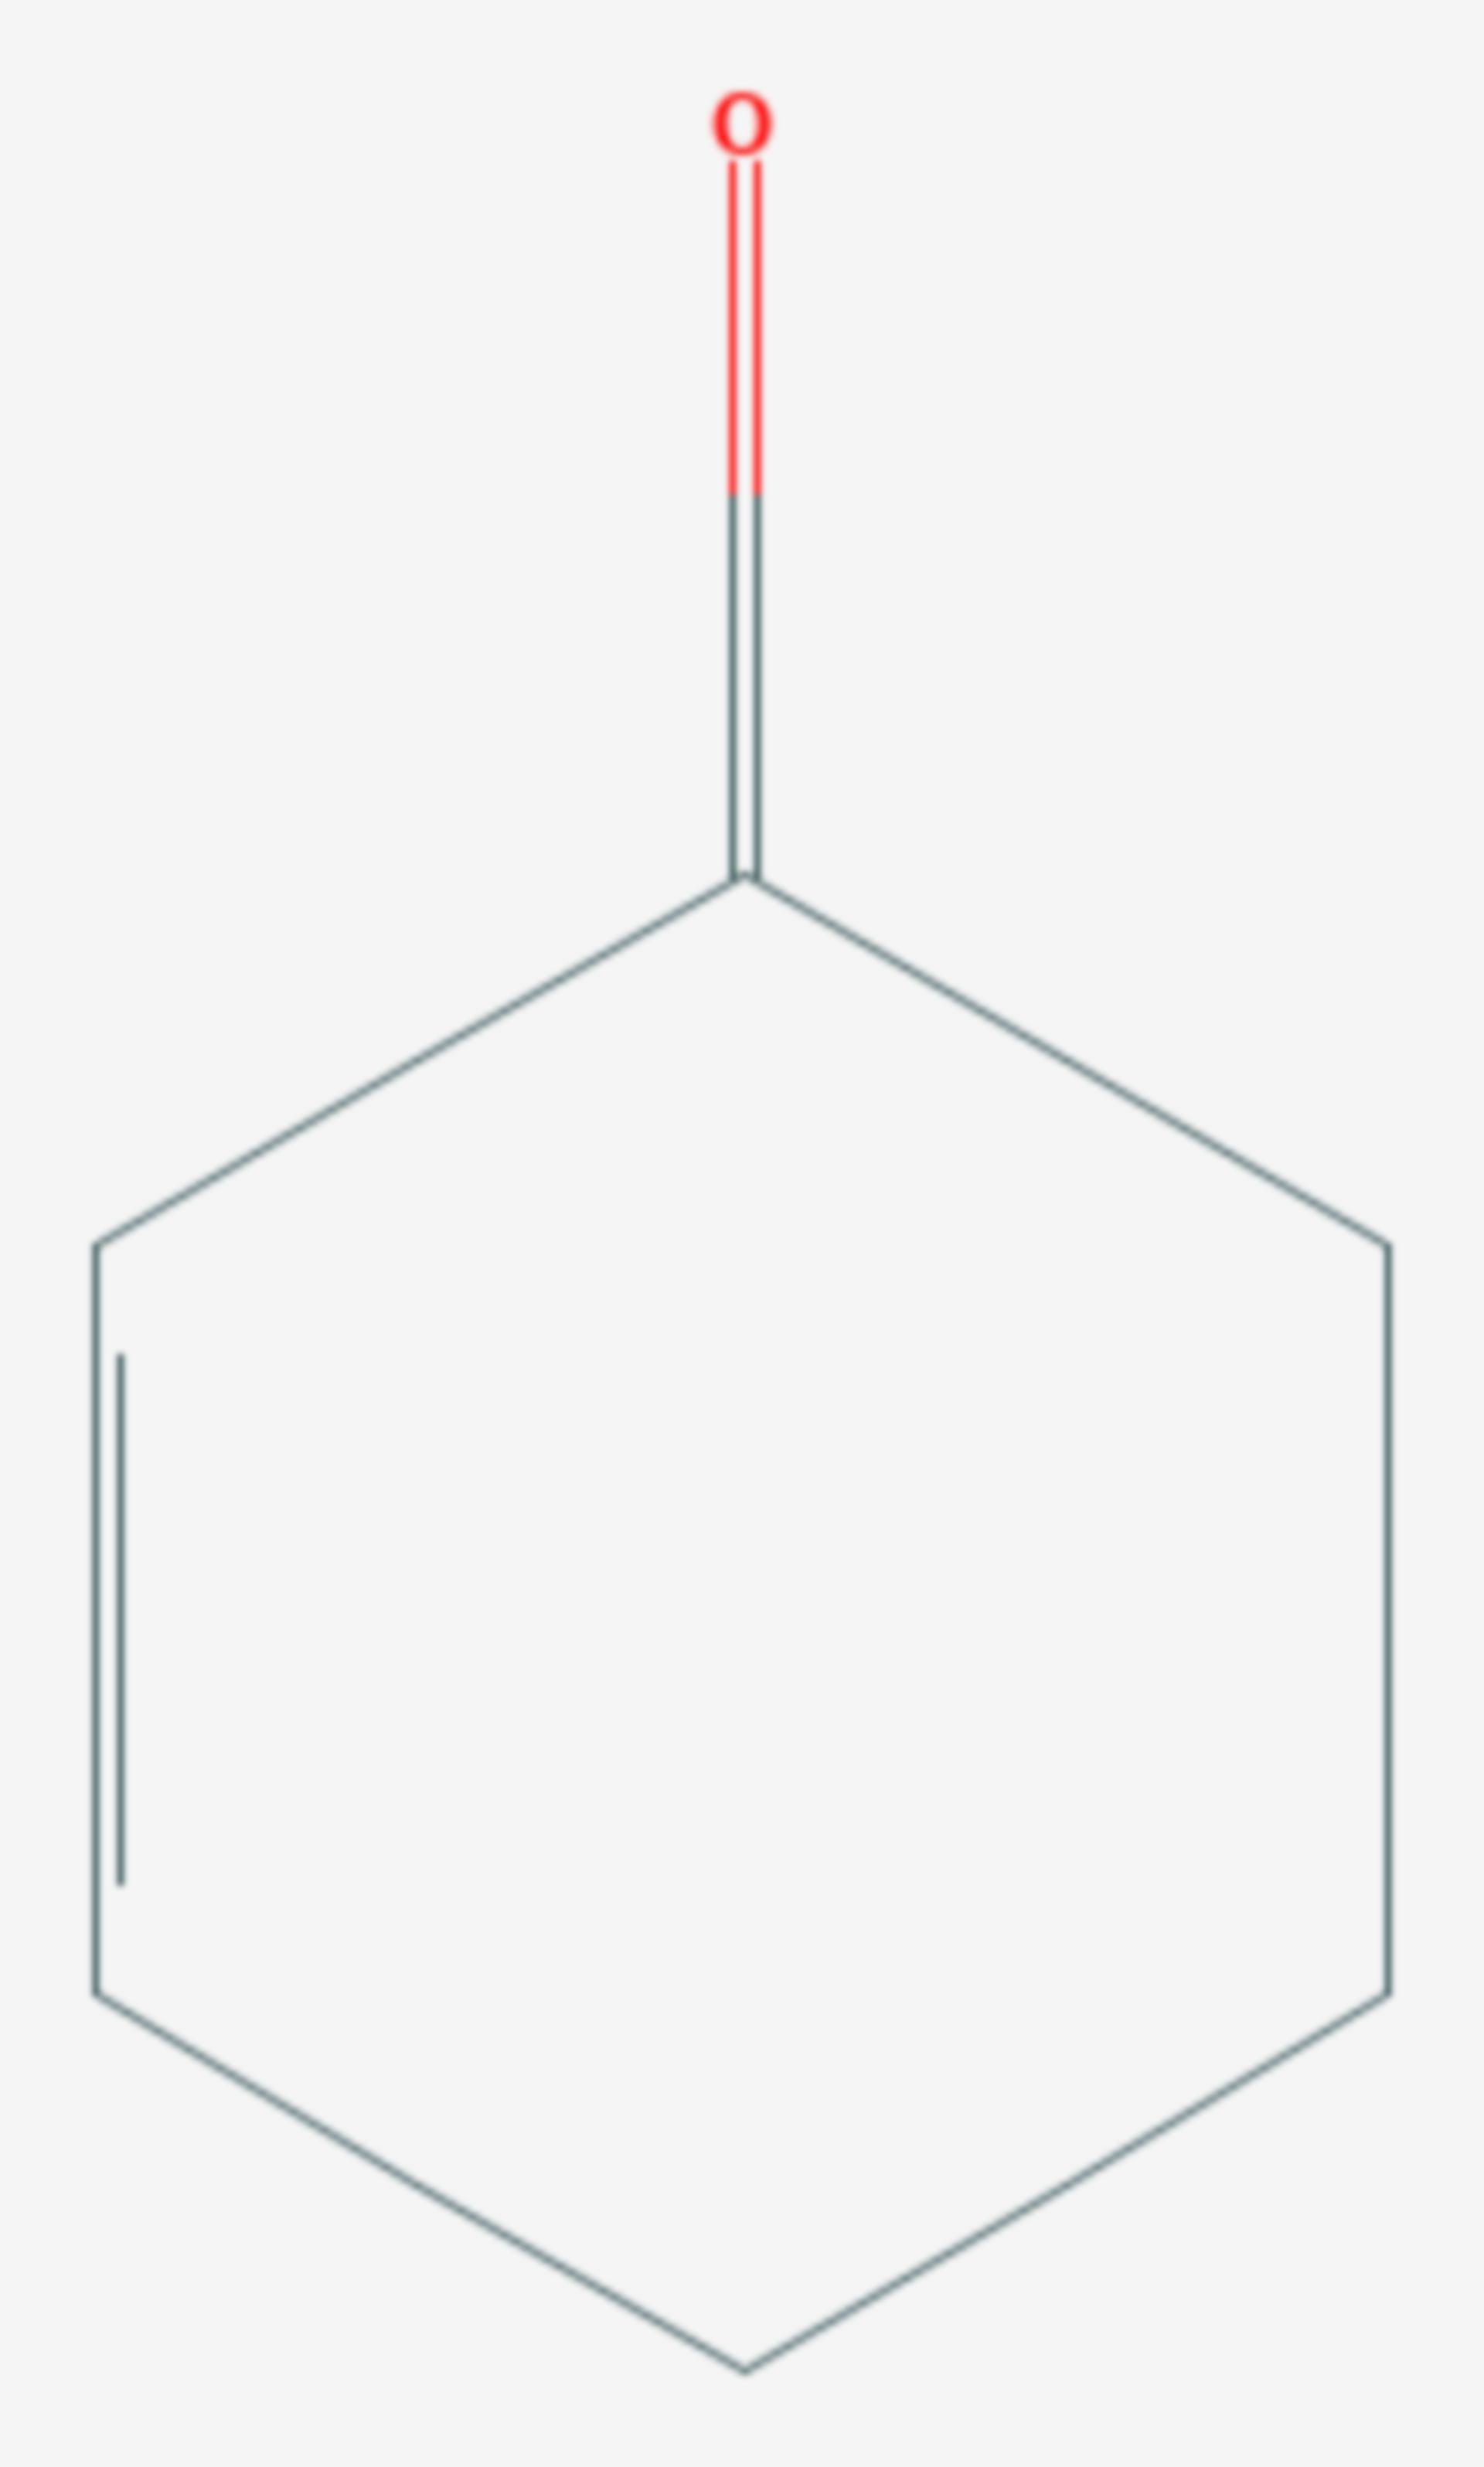 2-Cyclohexen-1-on (Strukturformel)